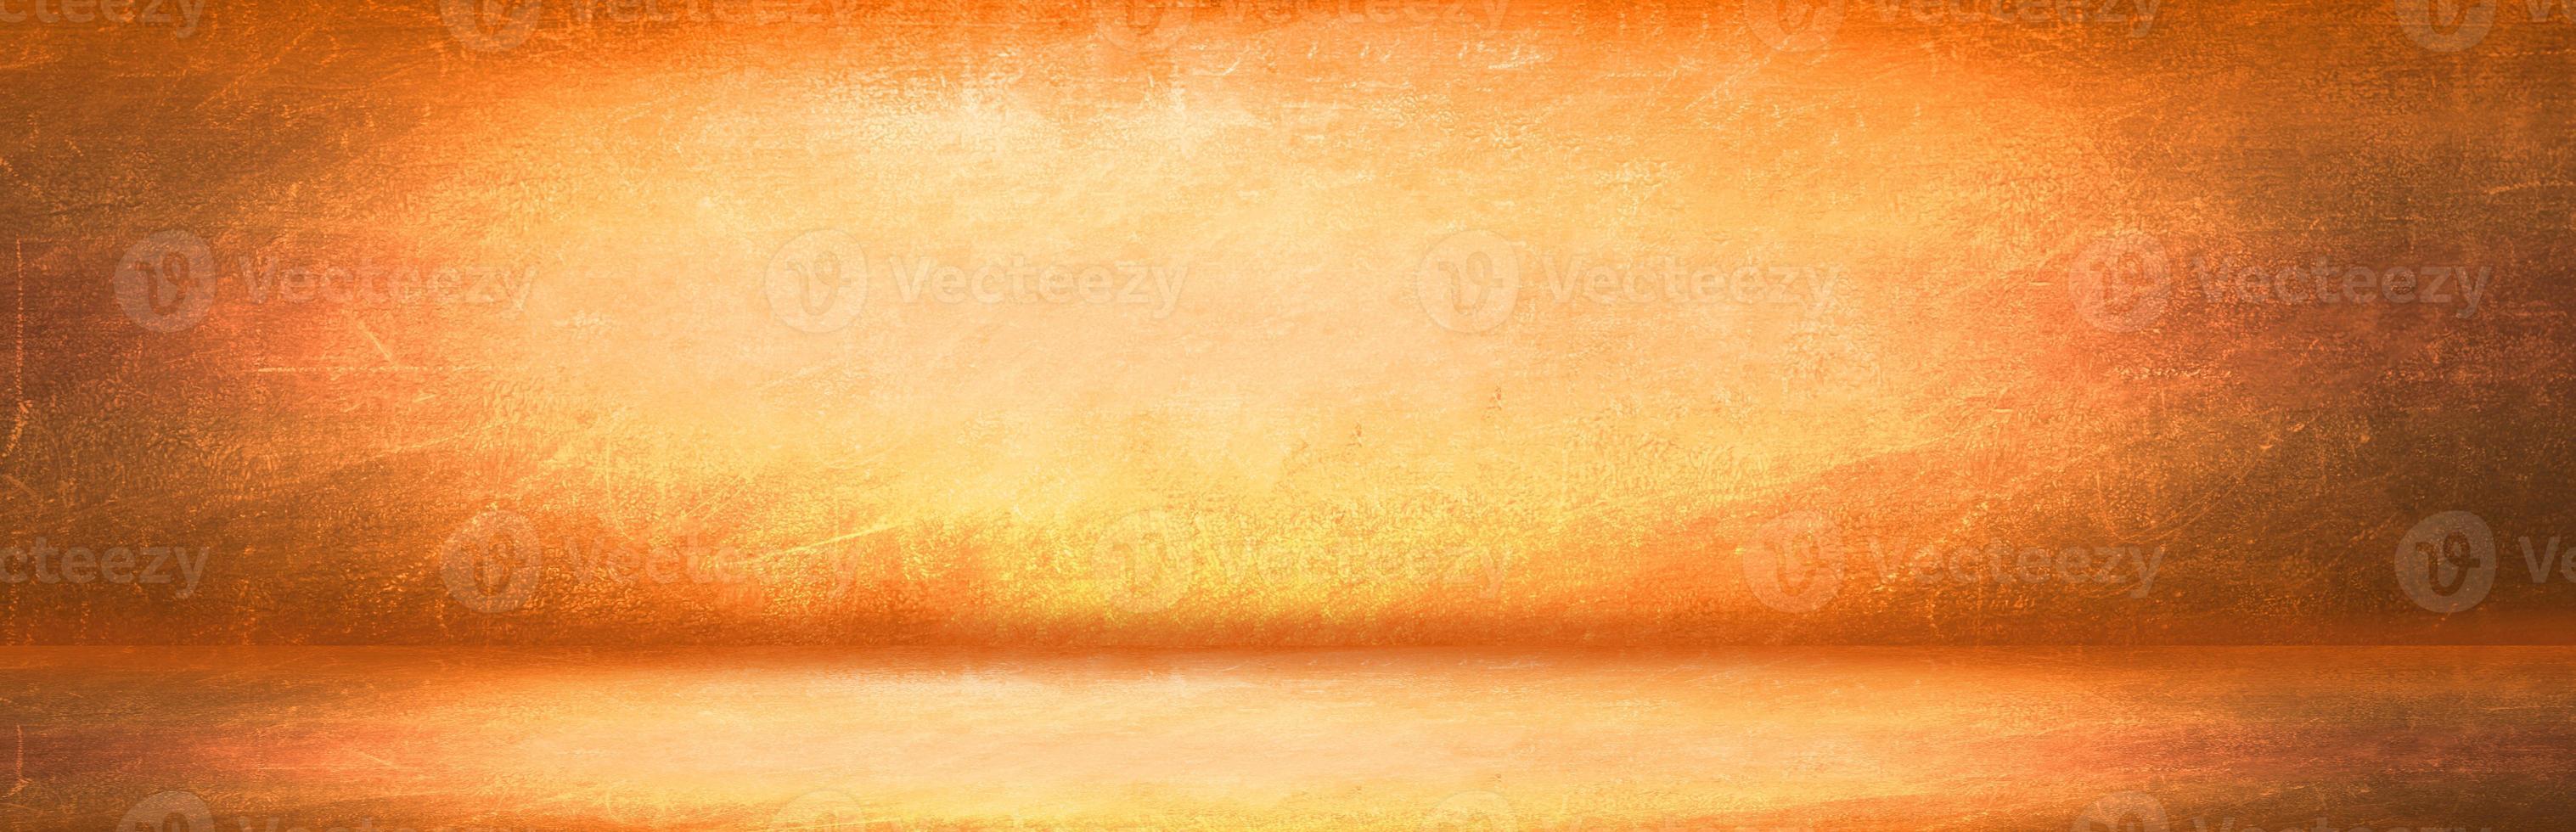 Fondo de pared grunge amarillo y naranja foto